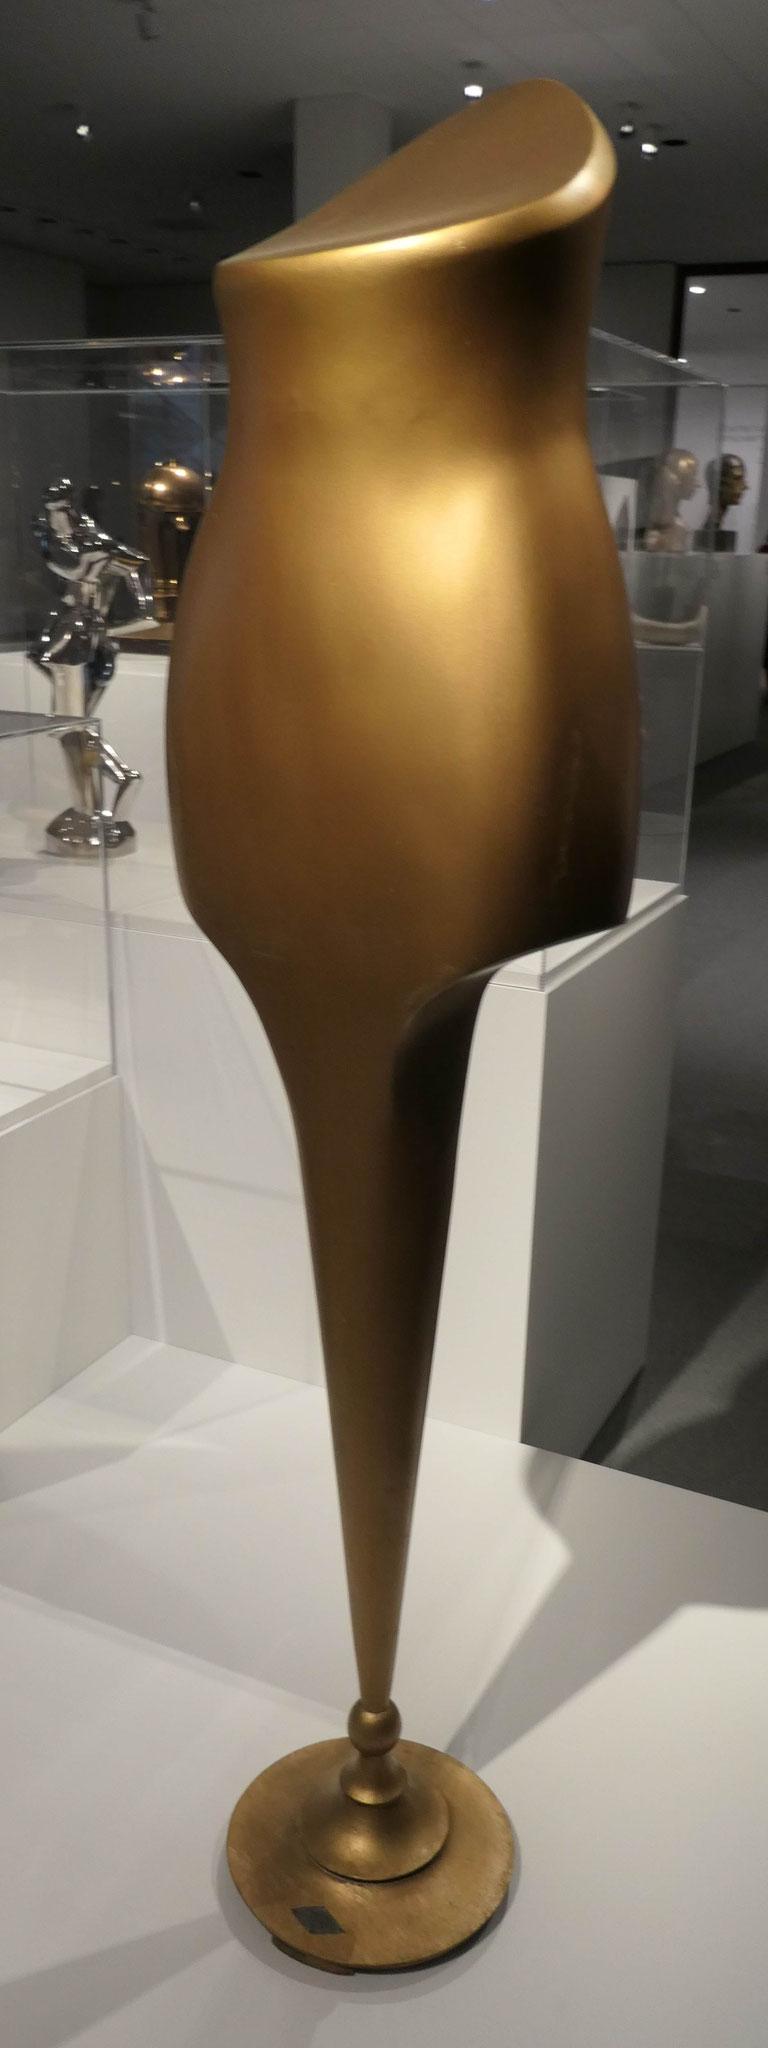 """Rudolf Belling, Moden-Plastik, Modell D (Rock-Plastik """"Lilian""""), ca. 1923, Neue Nationalgalerie Berlin"""